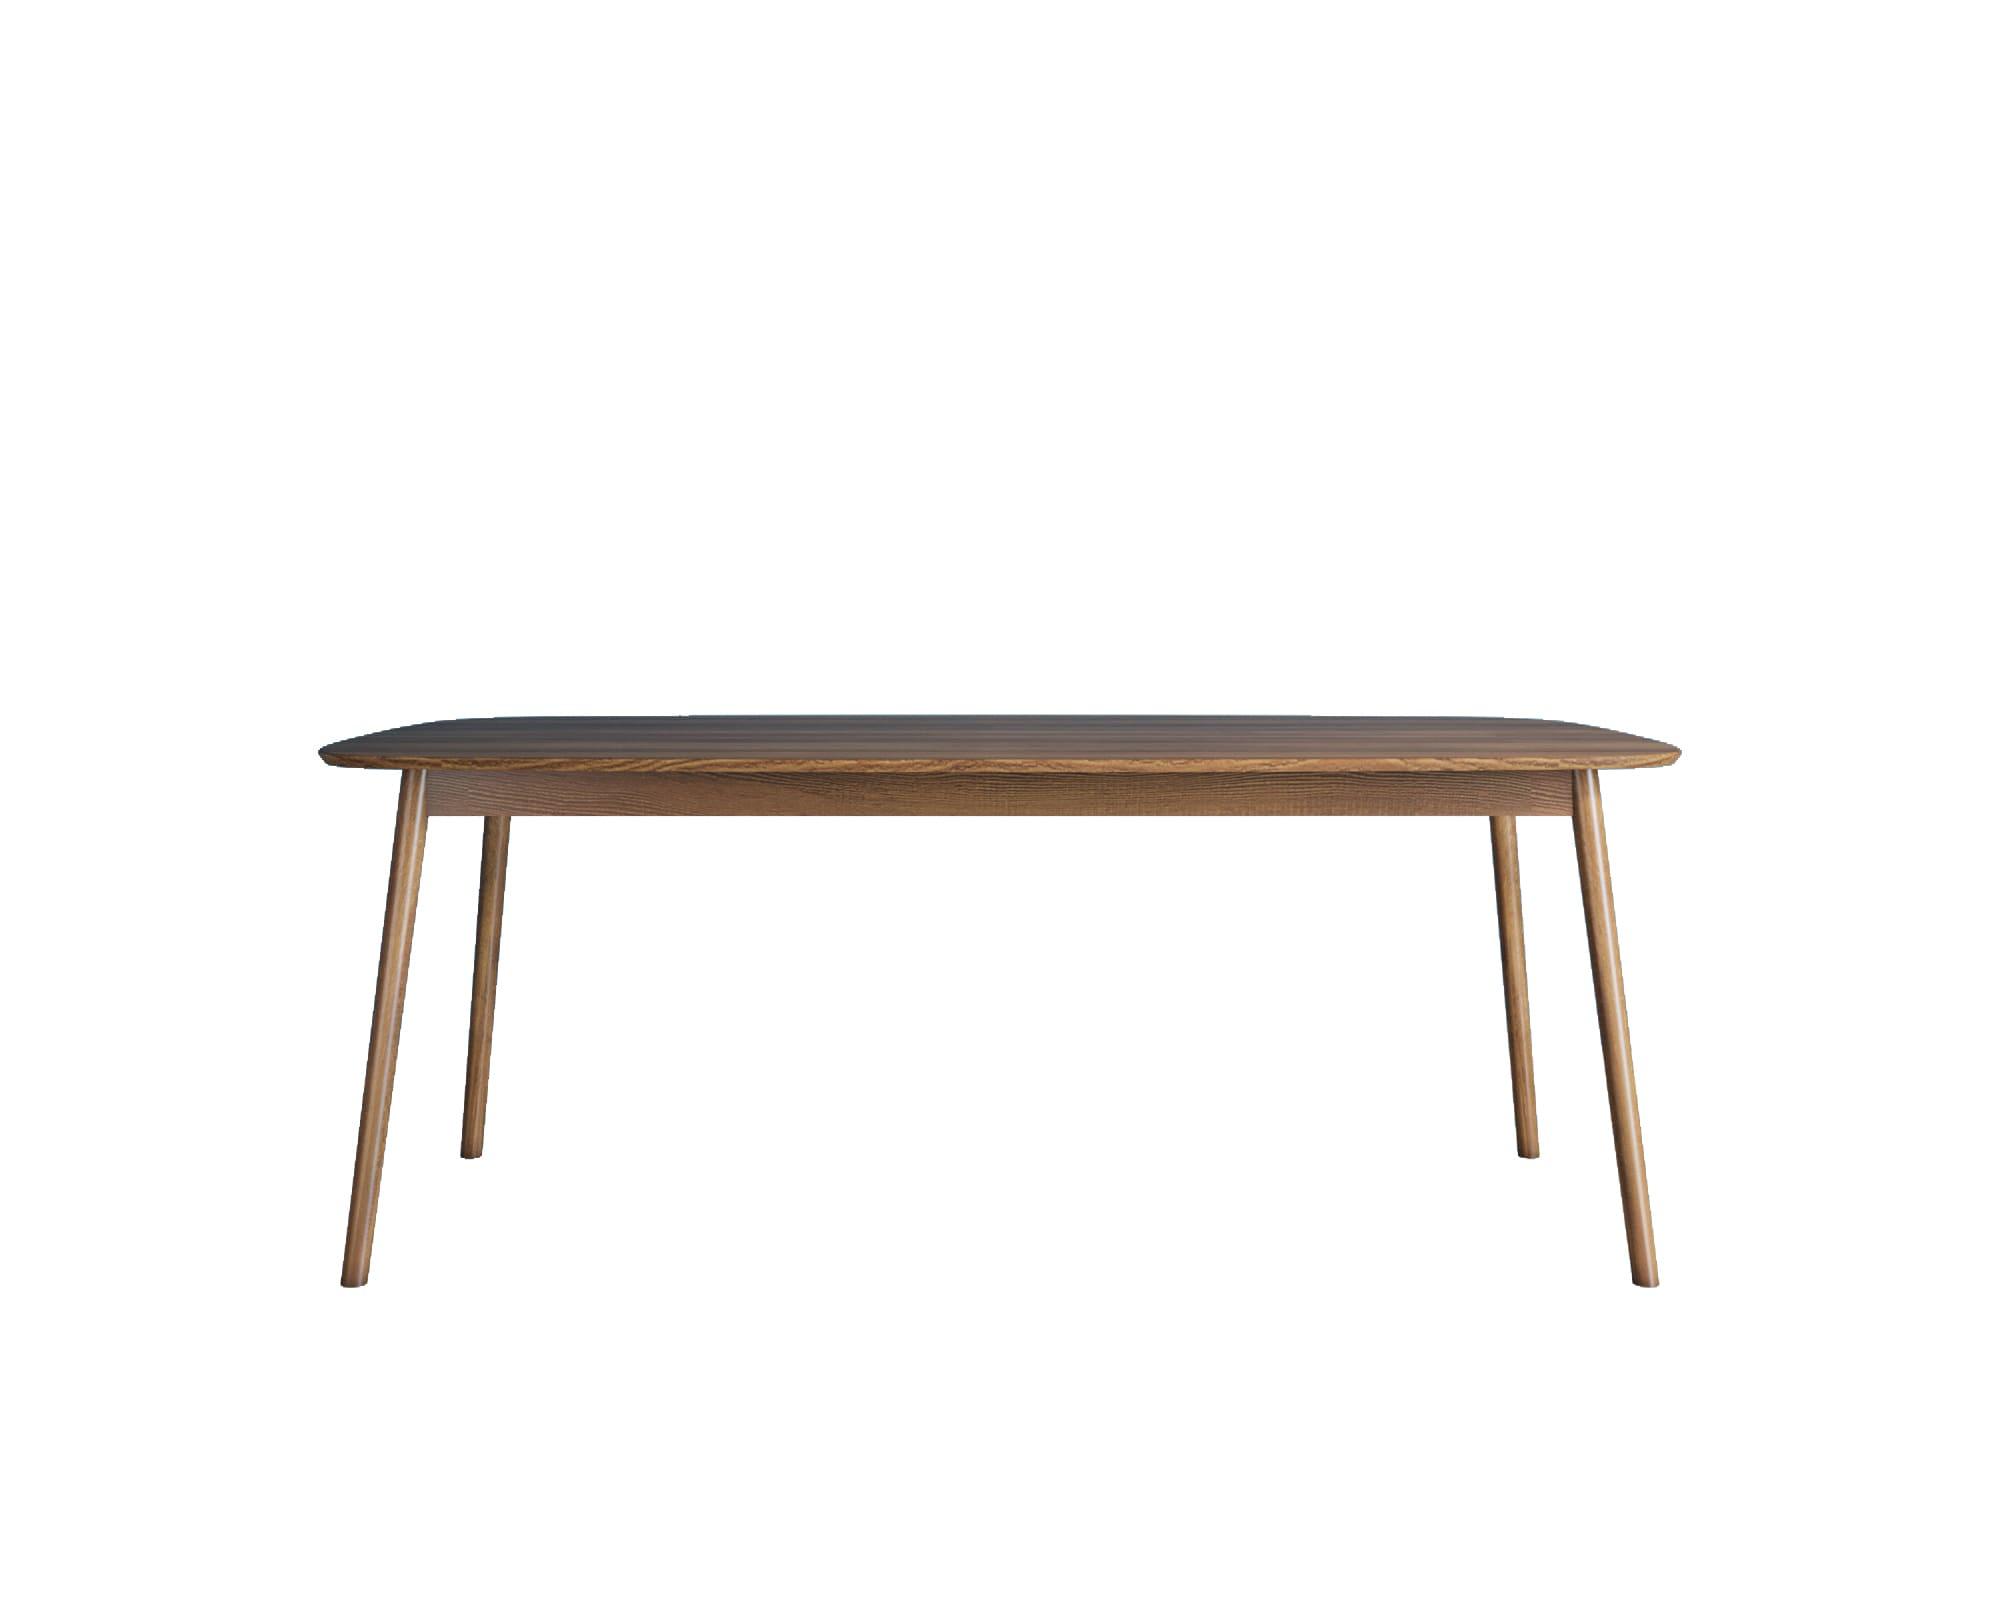 Обеденный стол Klermon купить в интернет-магазине дизайнерской мебели Cosmorelax.Ru